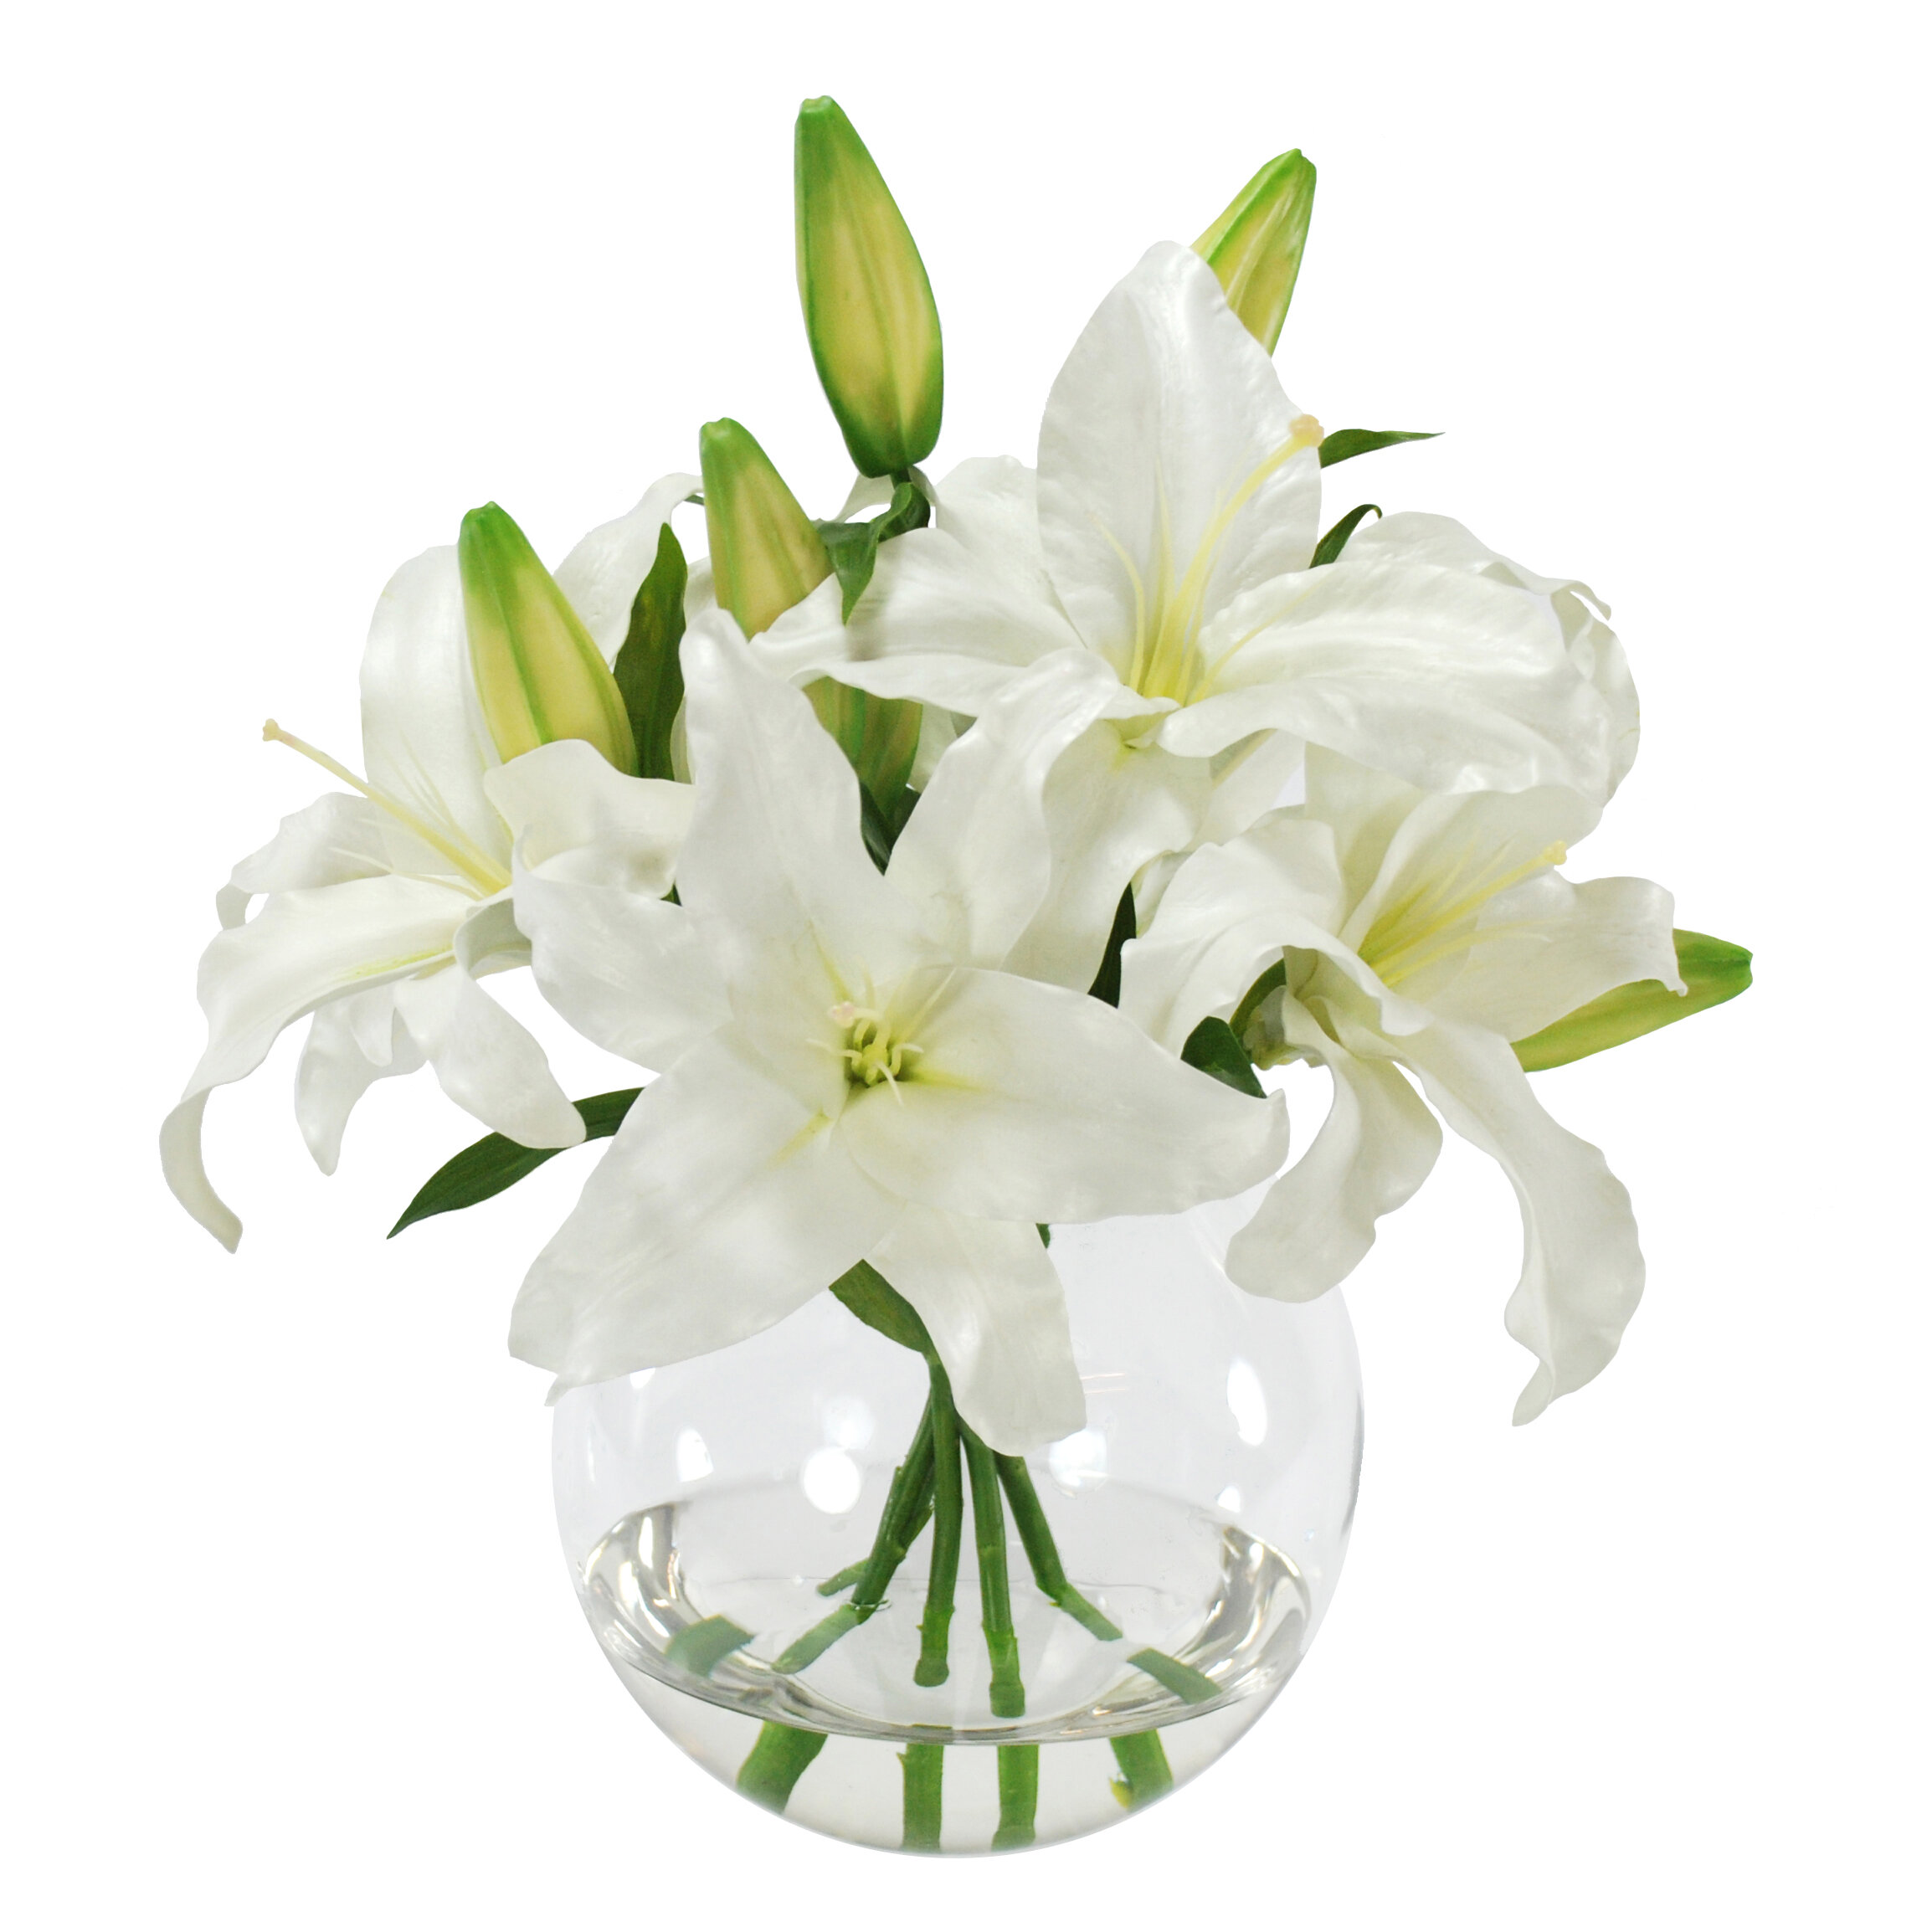 Lily Arrangement In Glass Vase Wayfair